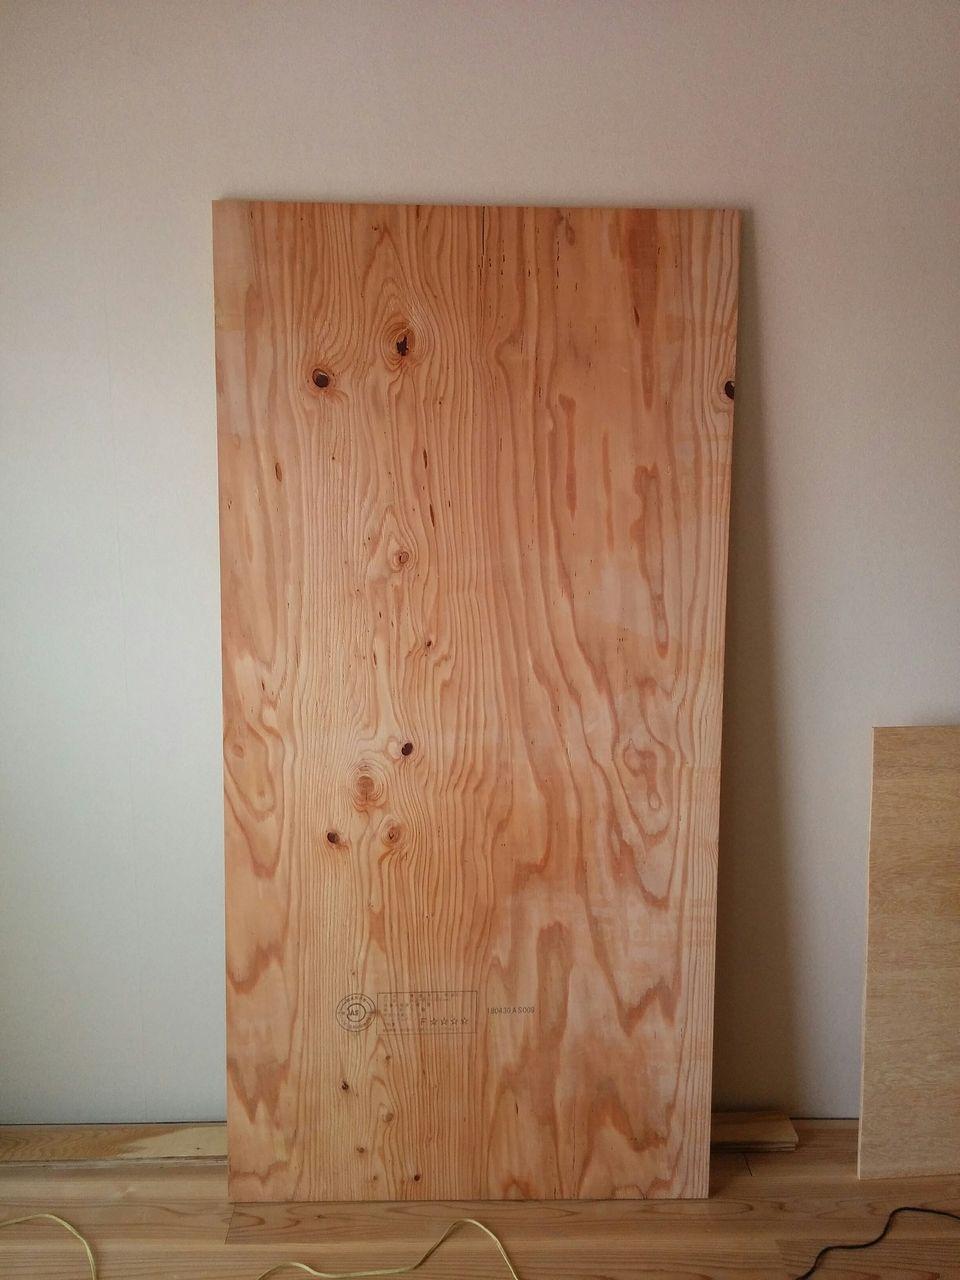 みなさまこんにちは。DIYをやっていれば、合板って言葉を聞いたことがあると思います。これは世間一般的に言うとベニヤ板です。今回はこのベニヤ板に書いていきます。